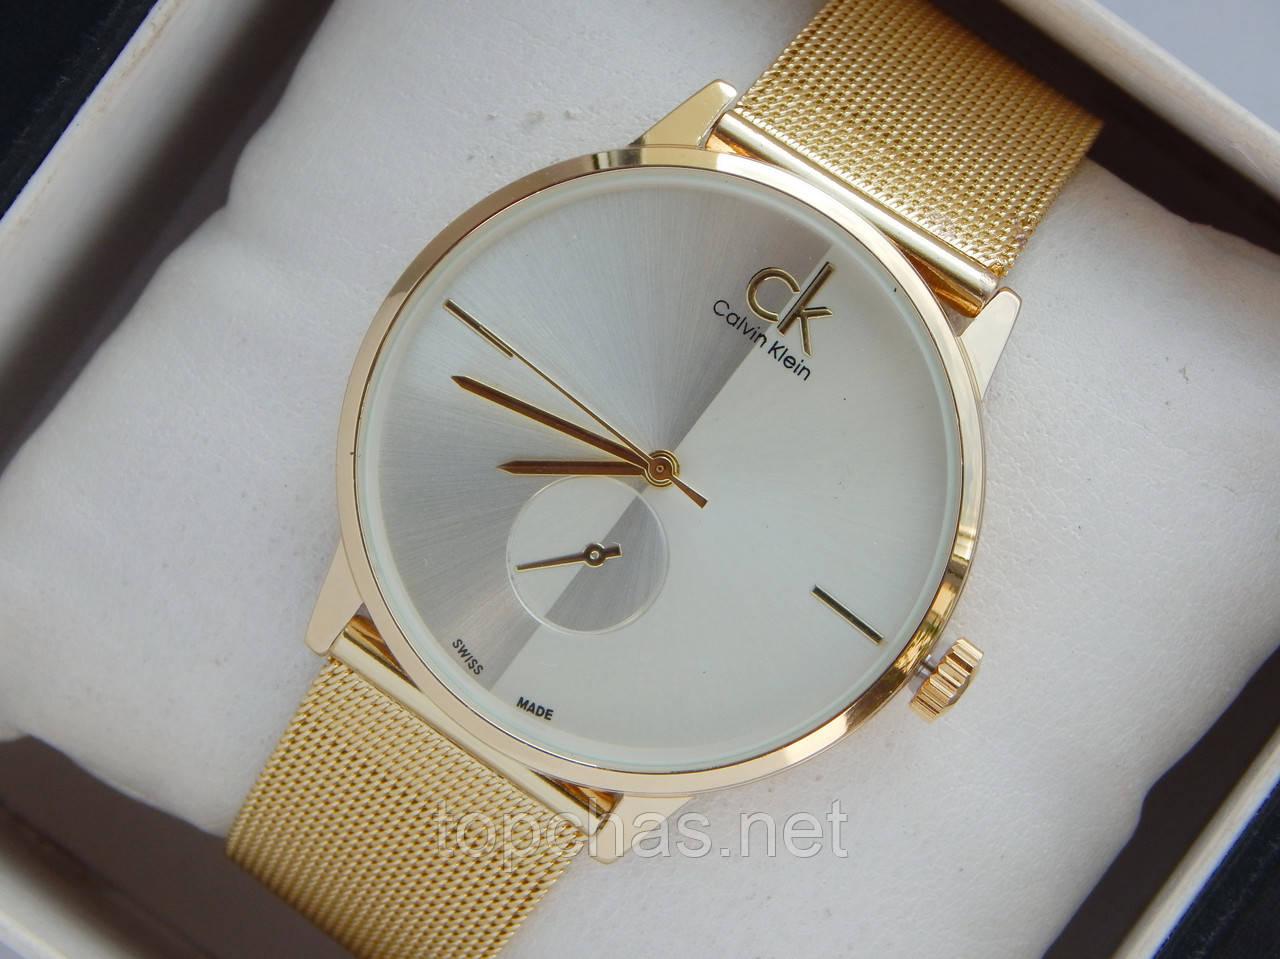 f36dac7e2d77a Мужские (Женские) кварцевые наручные часы Calvin Klein на металлическом  ремешке